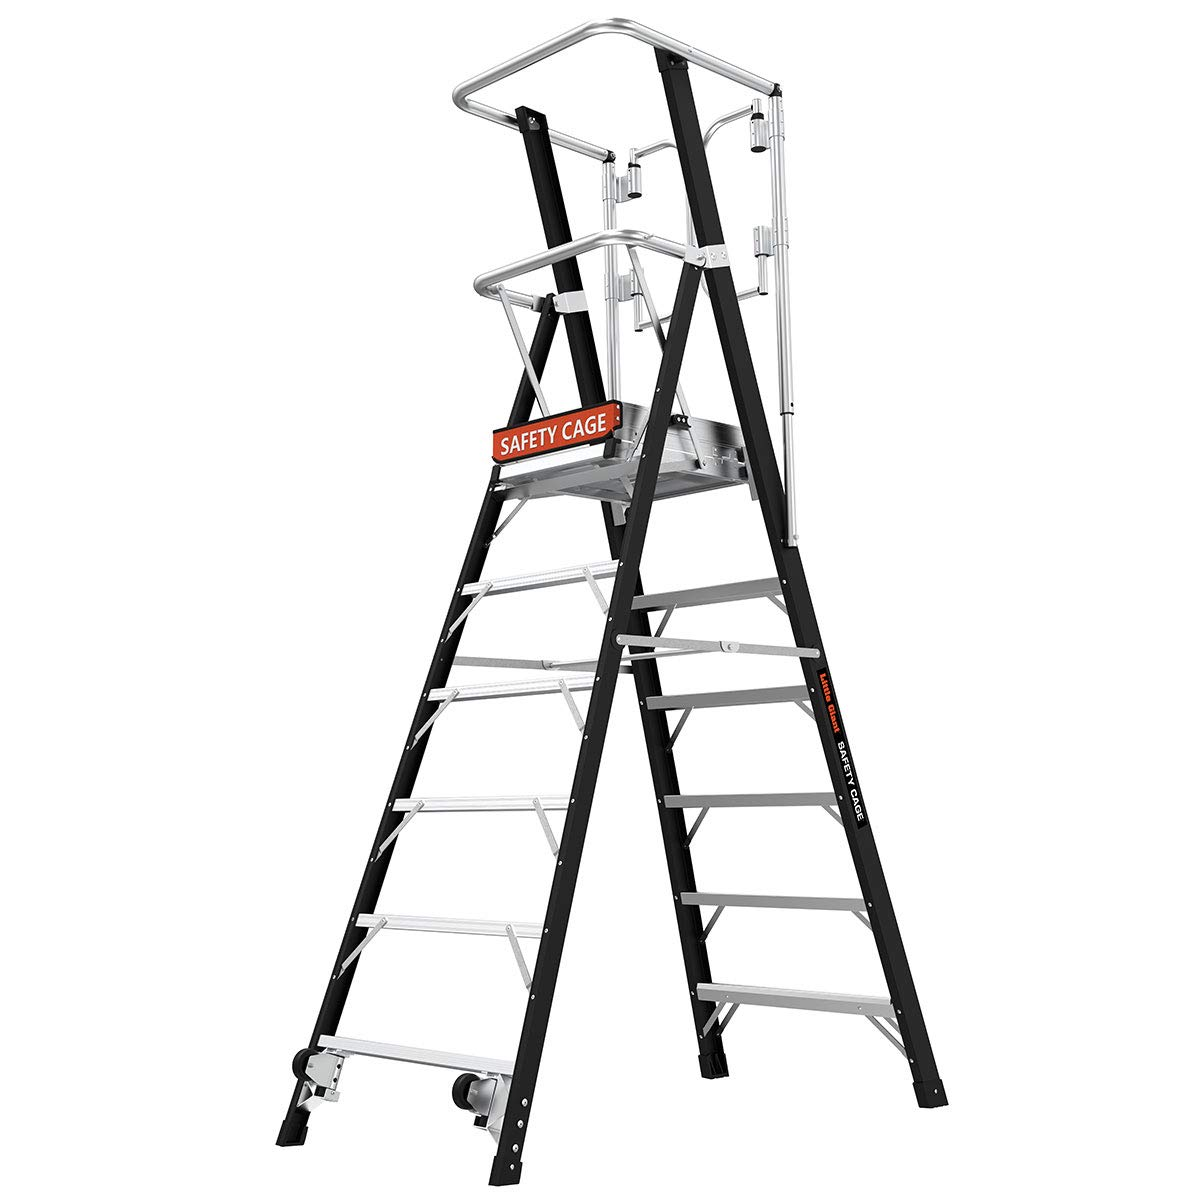 Poco gigante escalera sistemas 19606 jaula de seguridad 6 6: Amazon.es: Bricolaje y herramientas